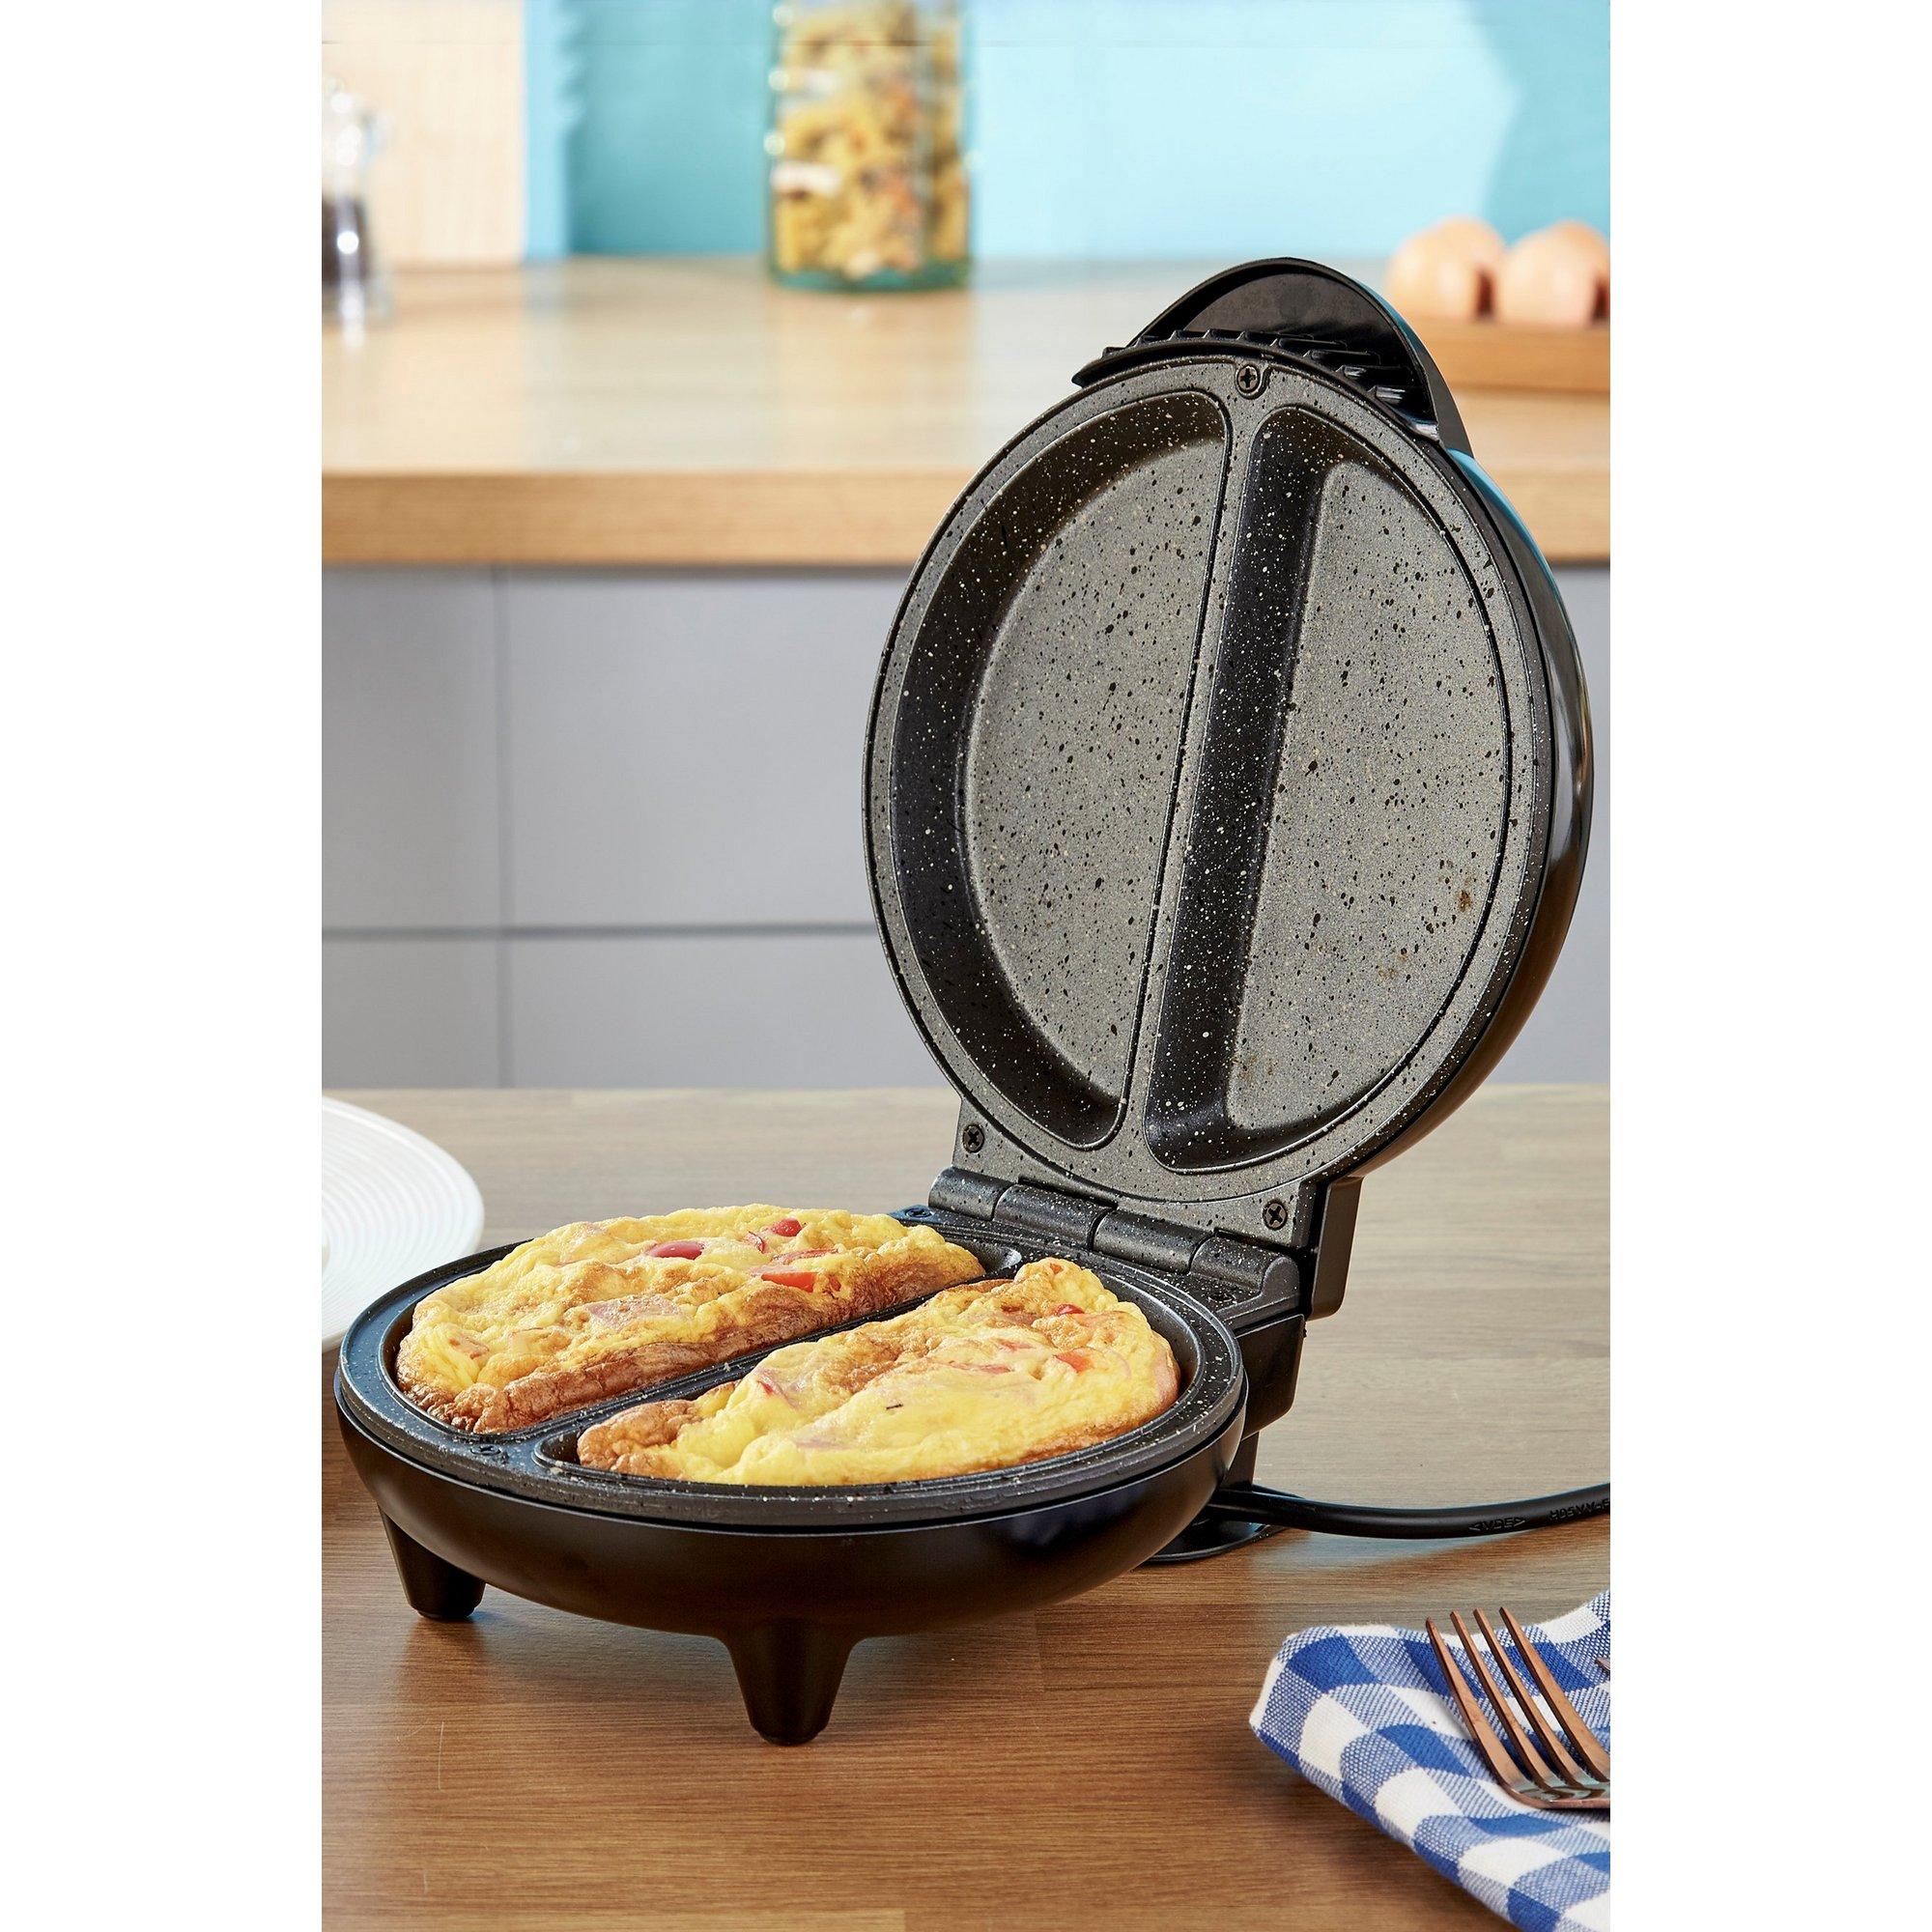 Image of Daewoo Deep Fill Omelette Maker